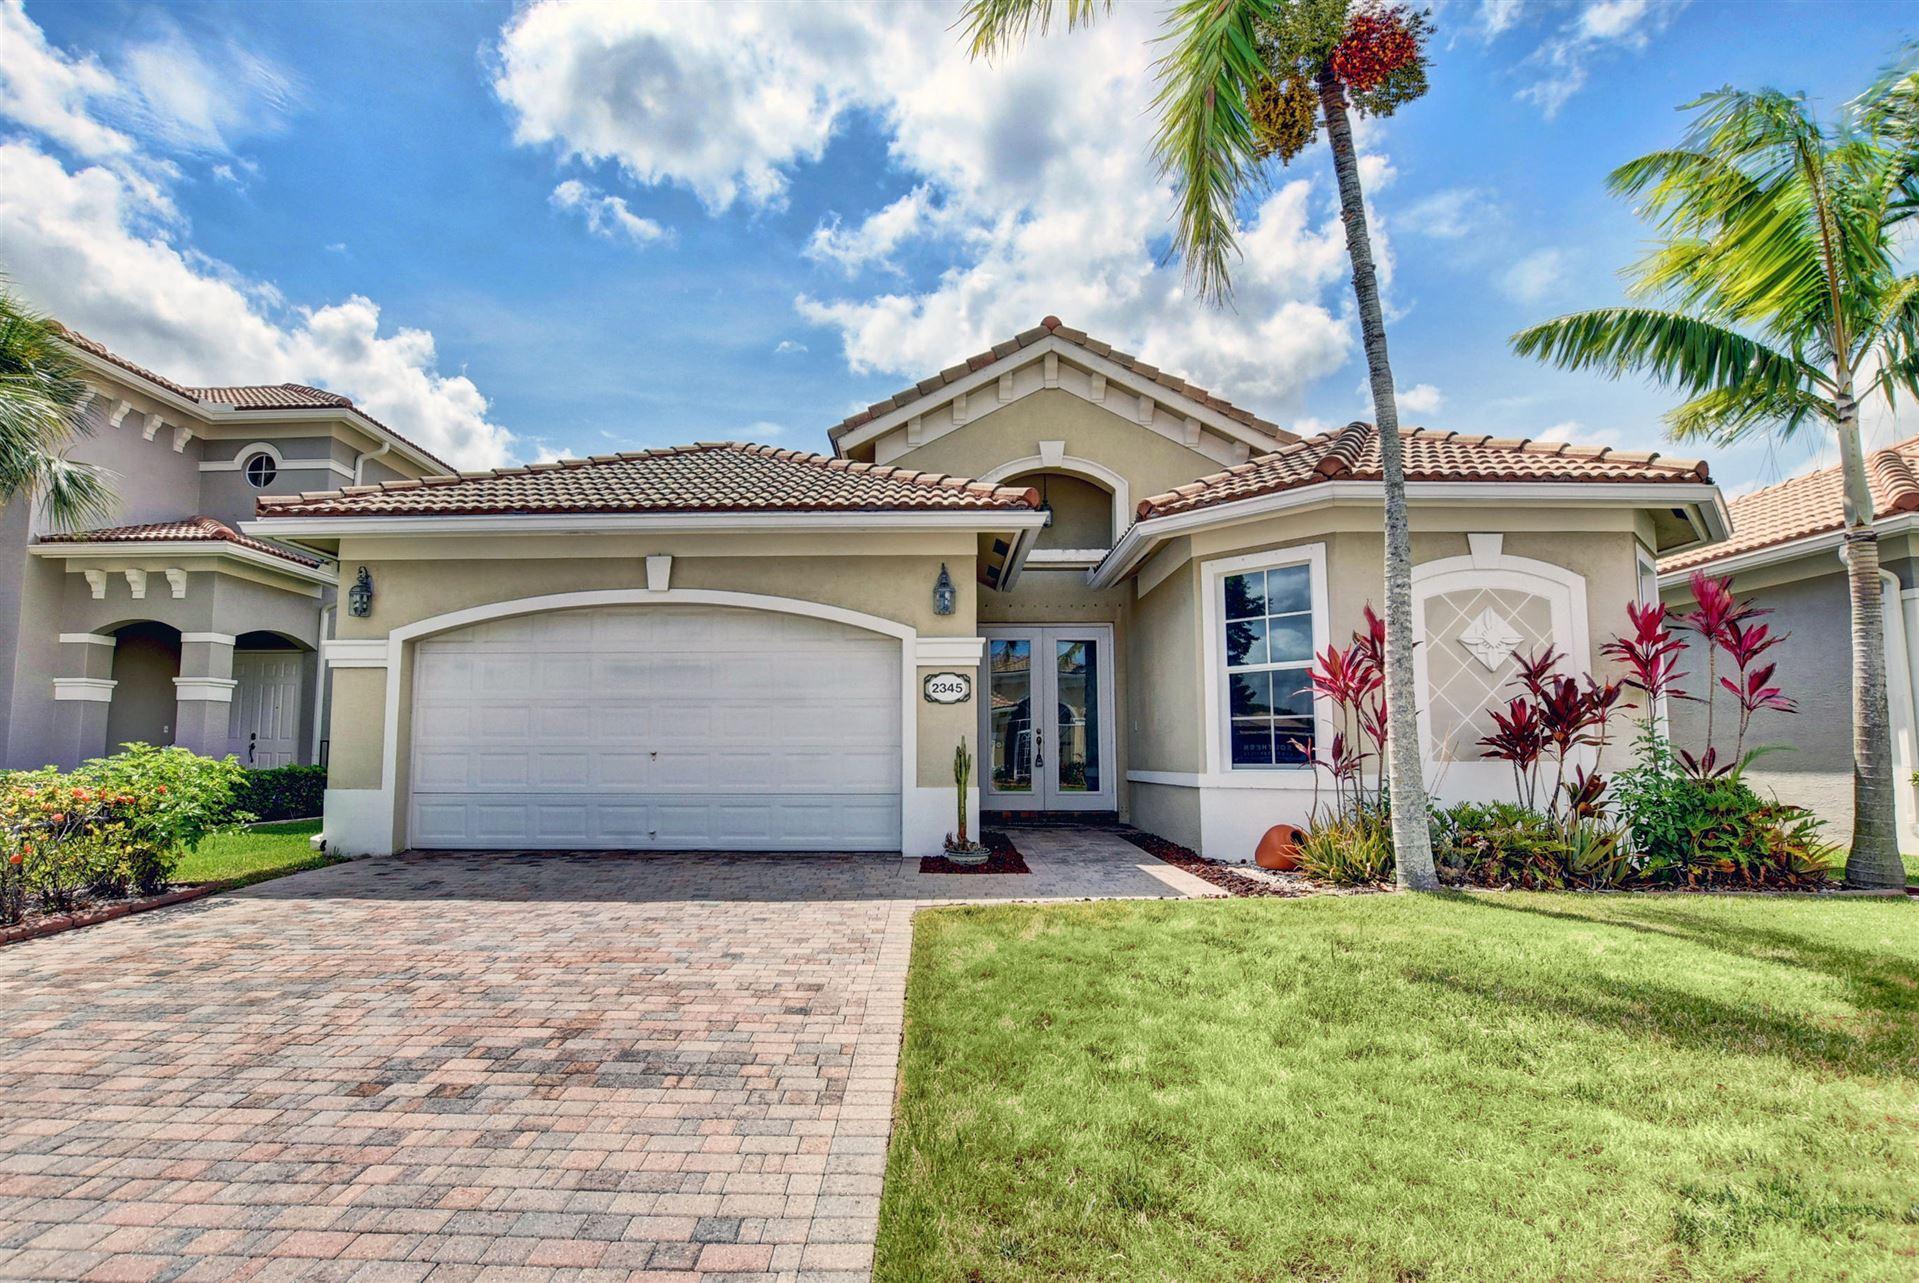 2345 Curley Cut, West Palm Beach, FL 33411 - MLS#: RX-10721120